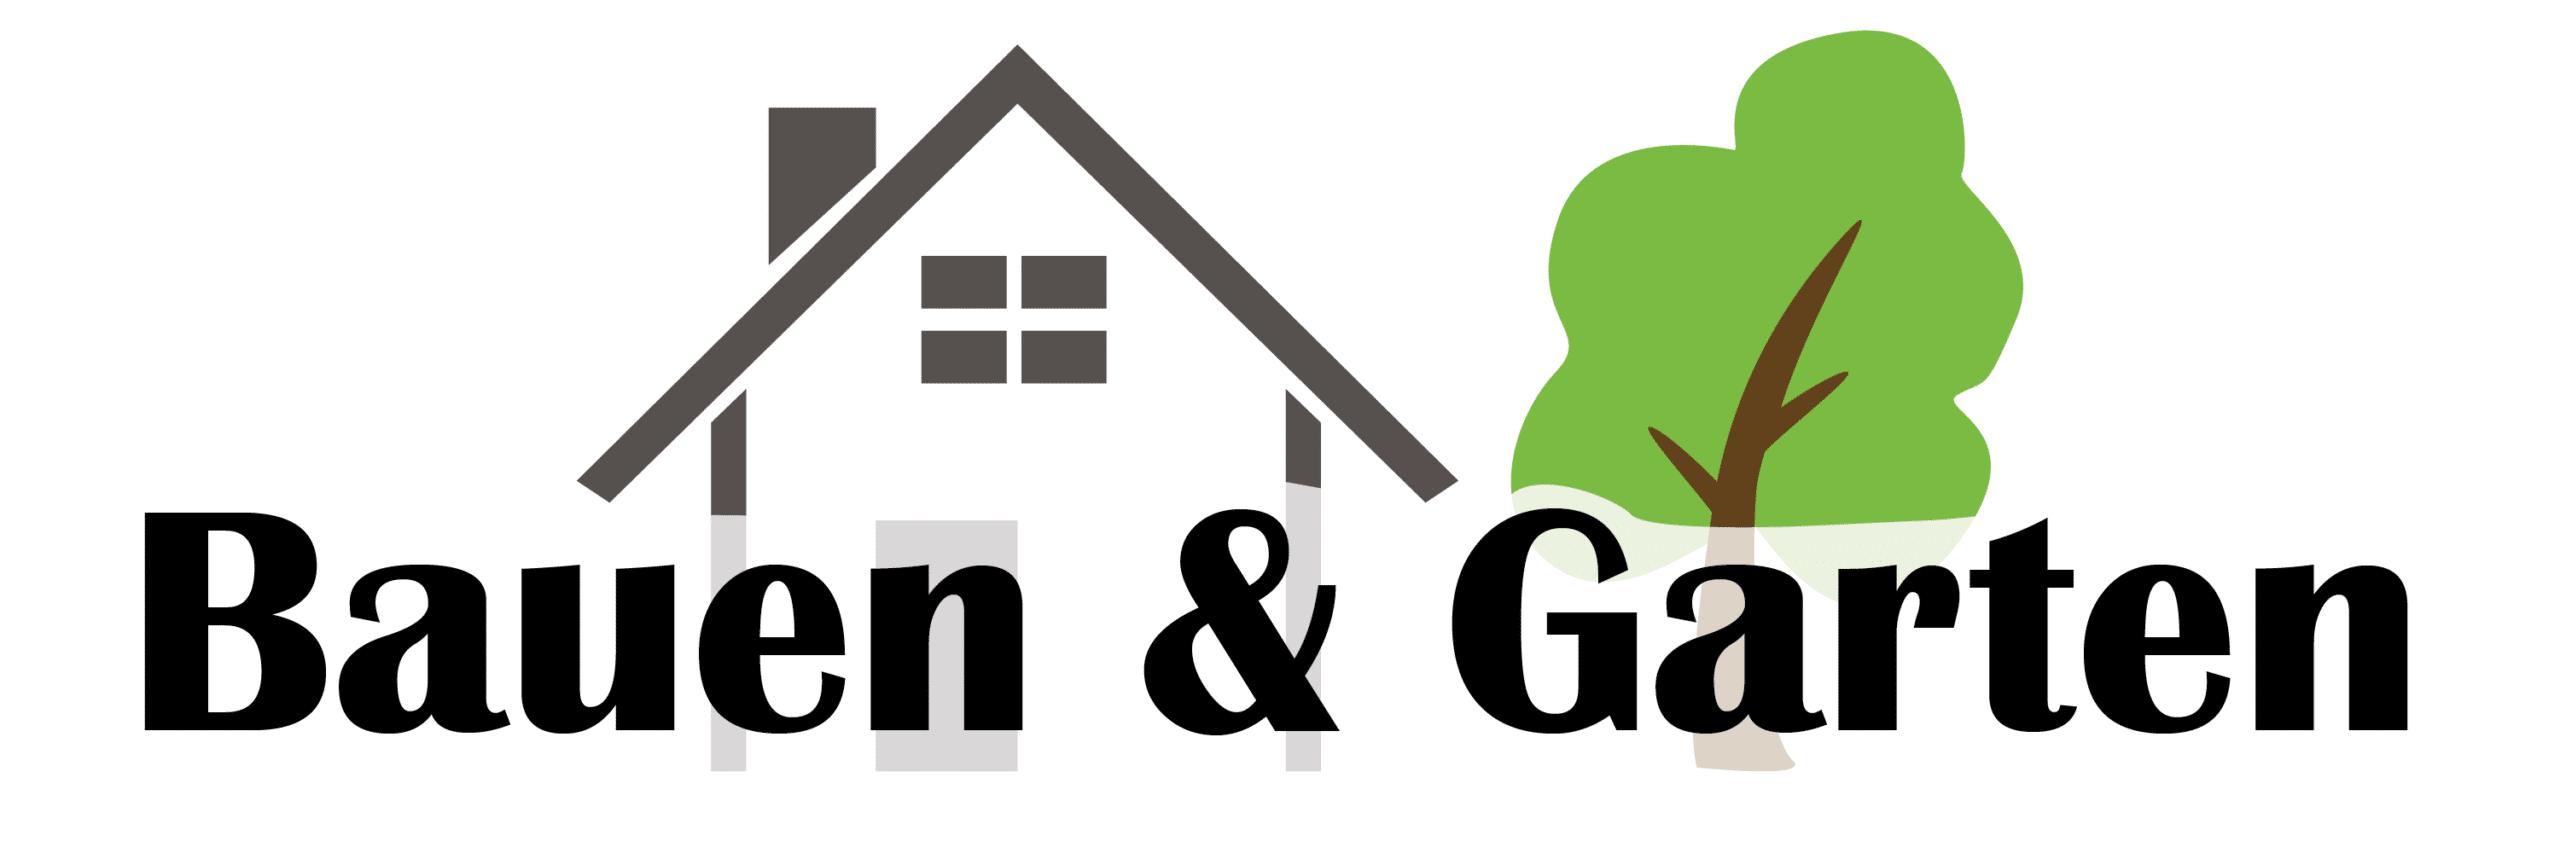 Bauen & Garten - Mit Latzhose und grünem Daumen.